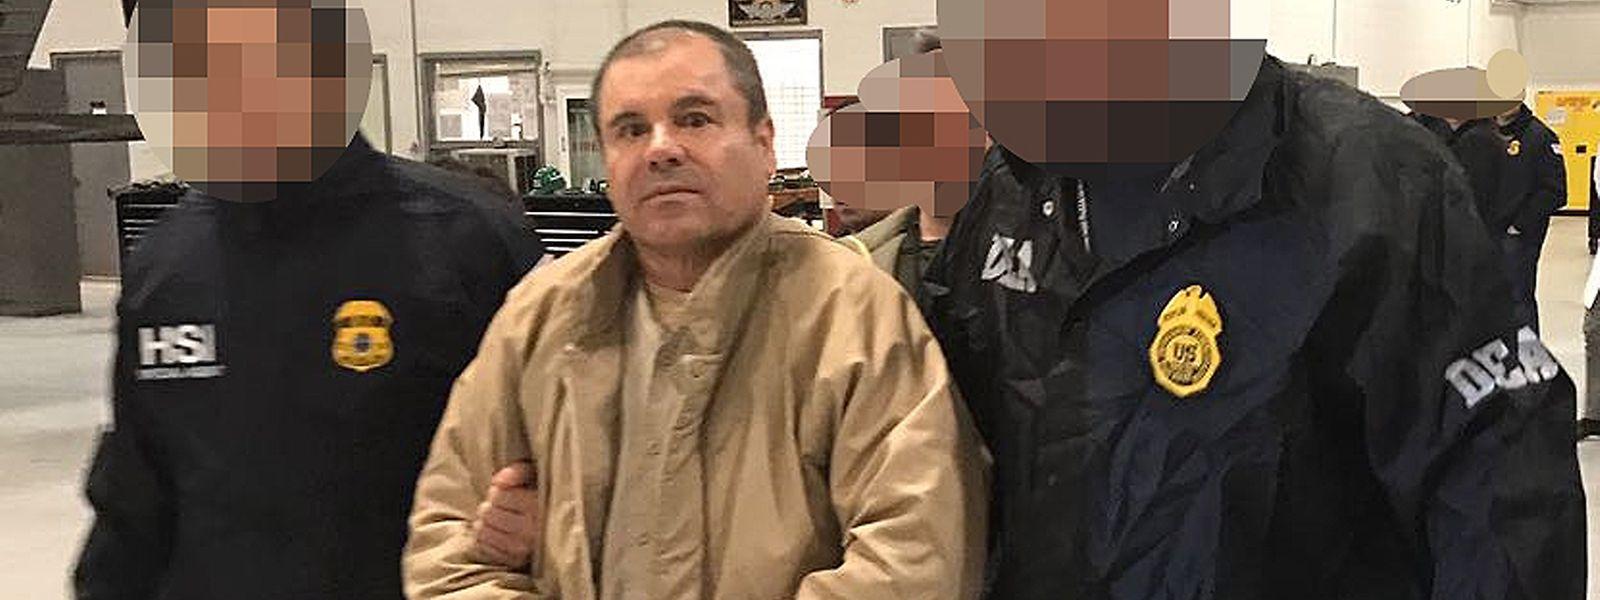 Photo deJoaquin Guzman Loera alias «El Chapo», publiée le 19 janvier 2017 par le ministère de l'Intérieur mexicain lors de son extradition vers les Etats-Unis.